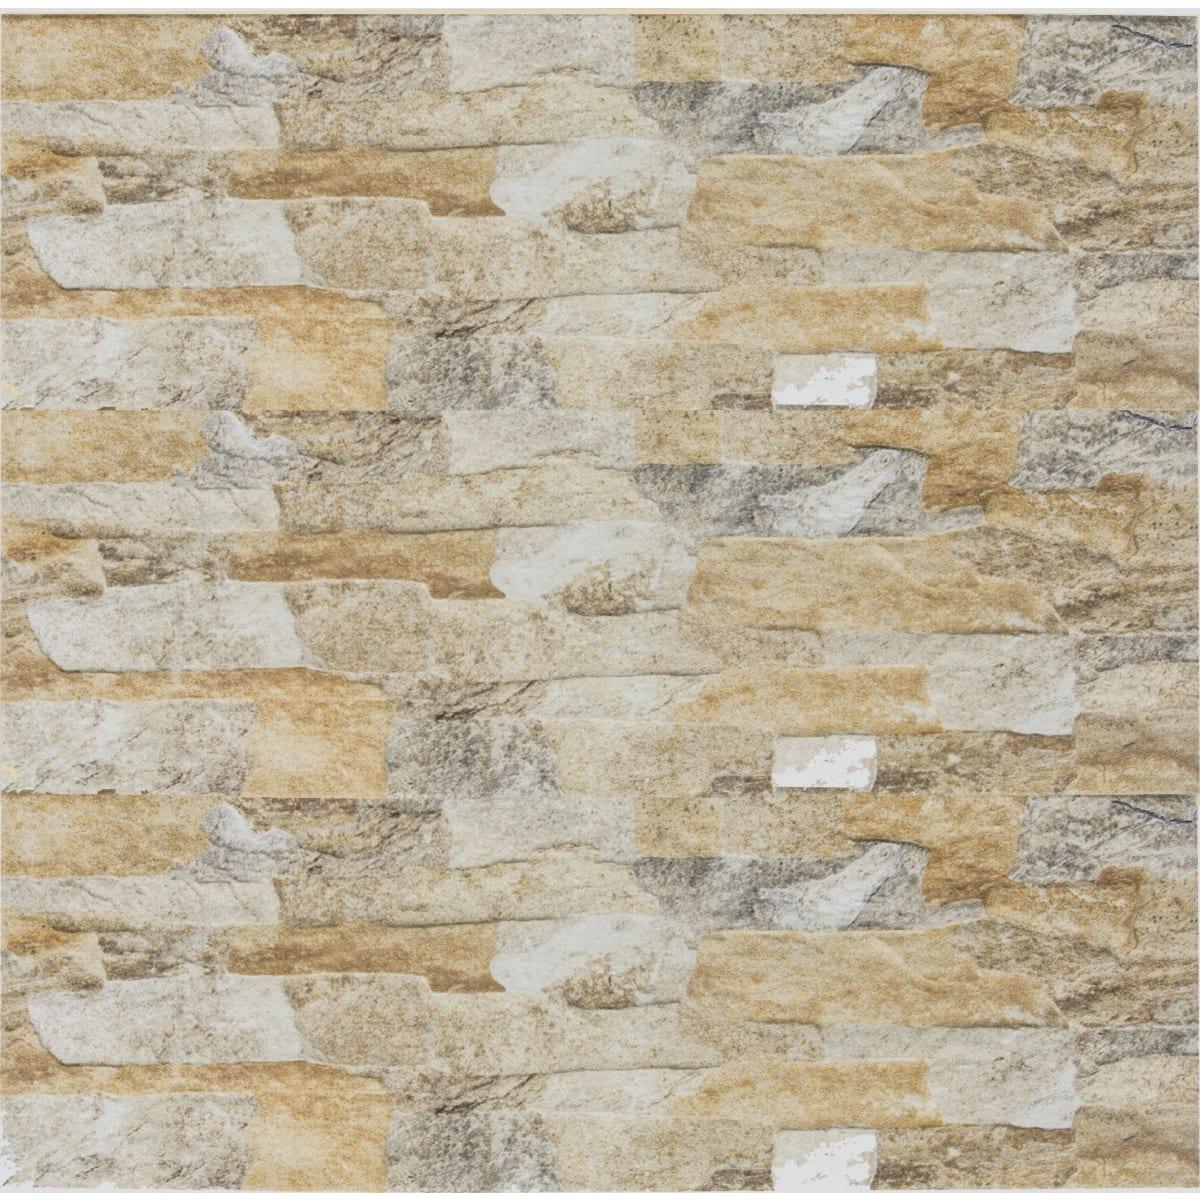 Плитка клинкерная фасадная Cerrad Aragon brick, 0.6 м2